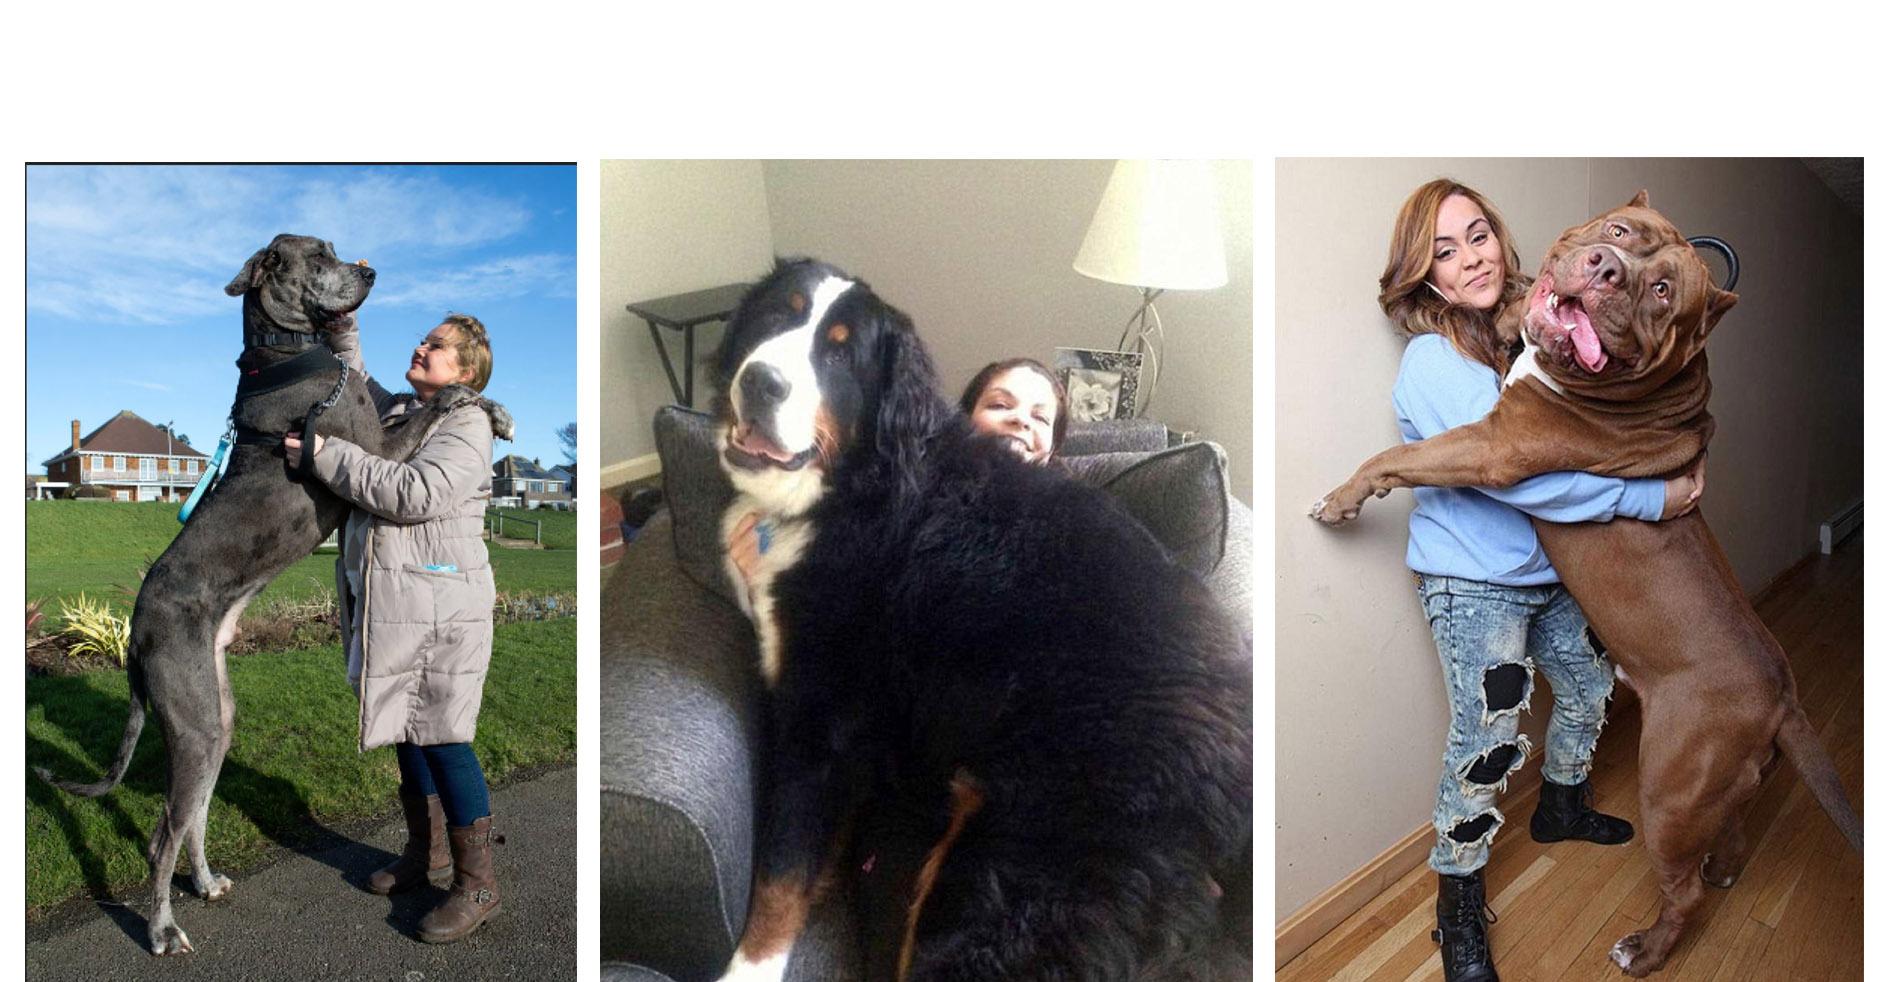 Hay canes que a pesar de su gran tamaño, pueden seguir jugando como niños a pesar de ser hasta más grandes que sus propios amos